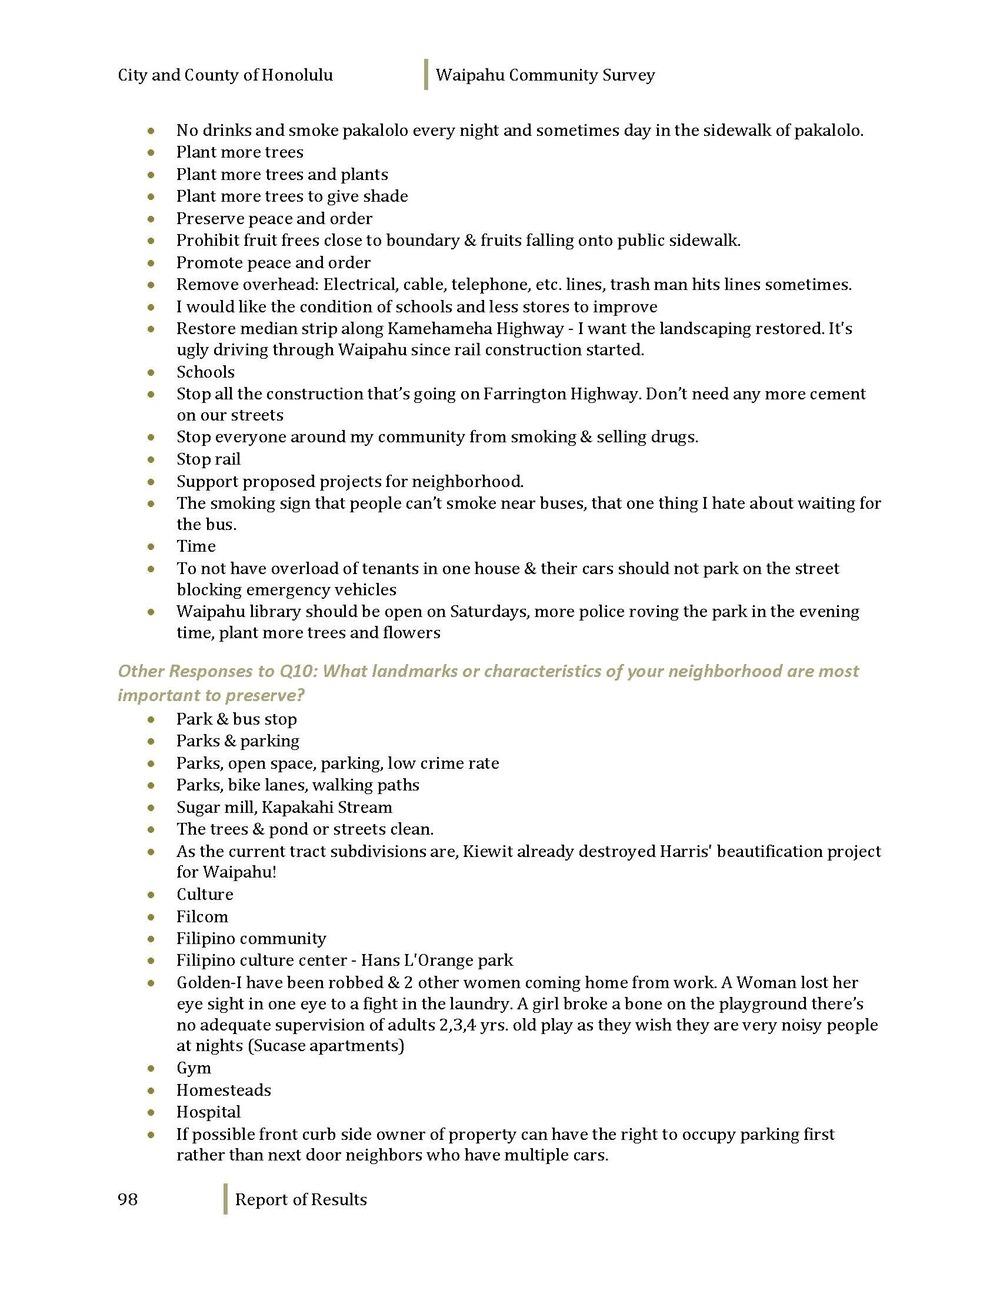 160608_WaipahuCommunitySurvey_Dec2012_Page_100.jpg